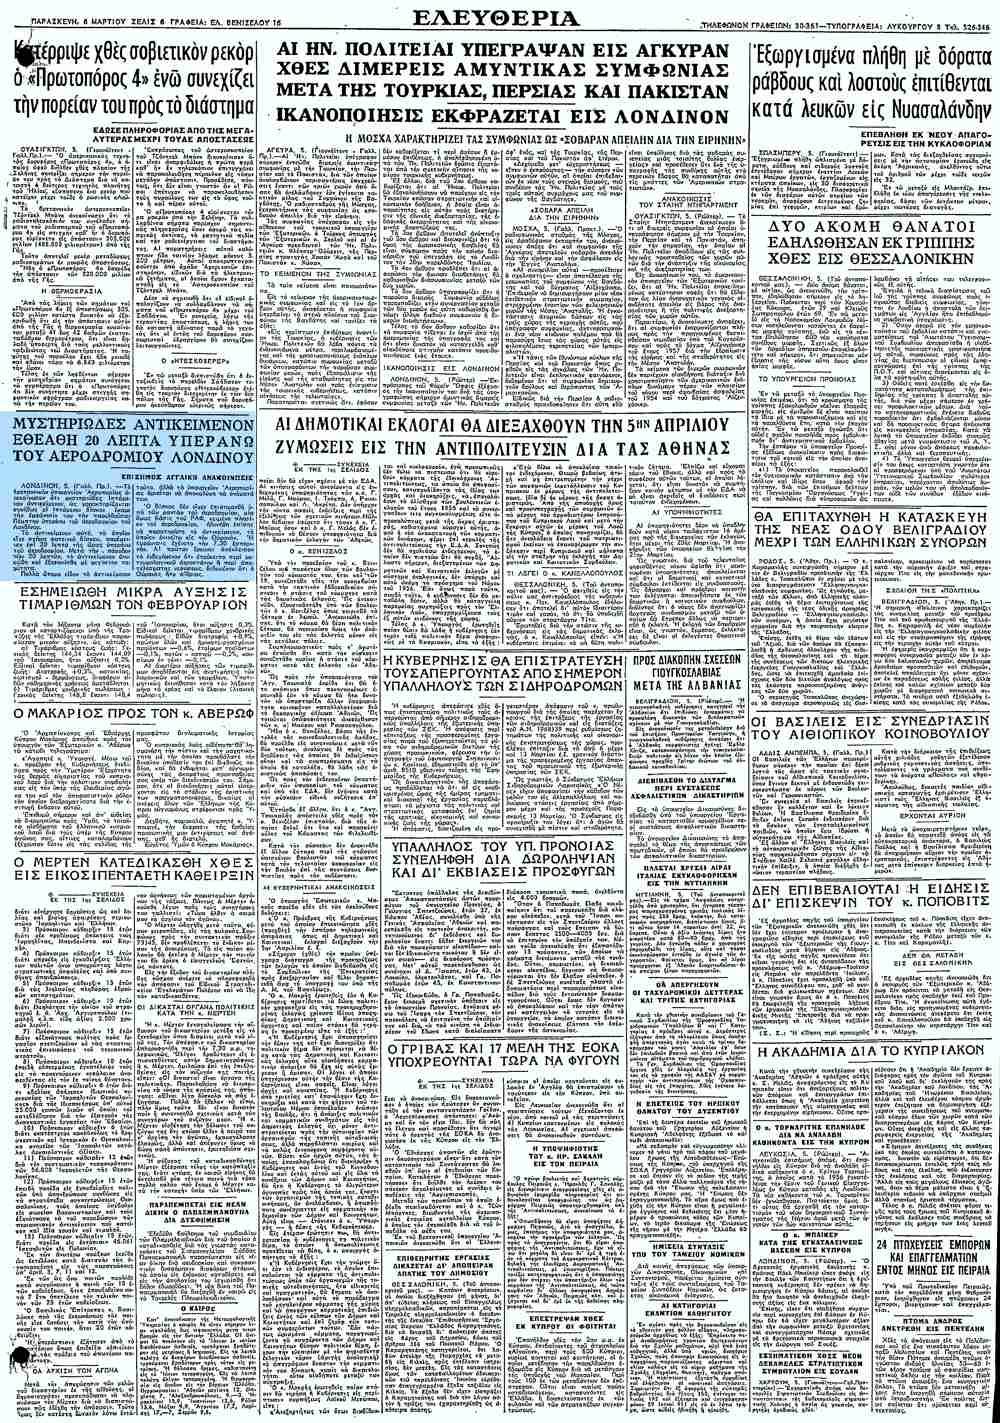 """Το άρθρο, όπως δημοσιεύθηκε στην εφημερίδα """"ΕΛΕΥΘΕΡΙΑ"""", στις 06/03/1959"""